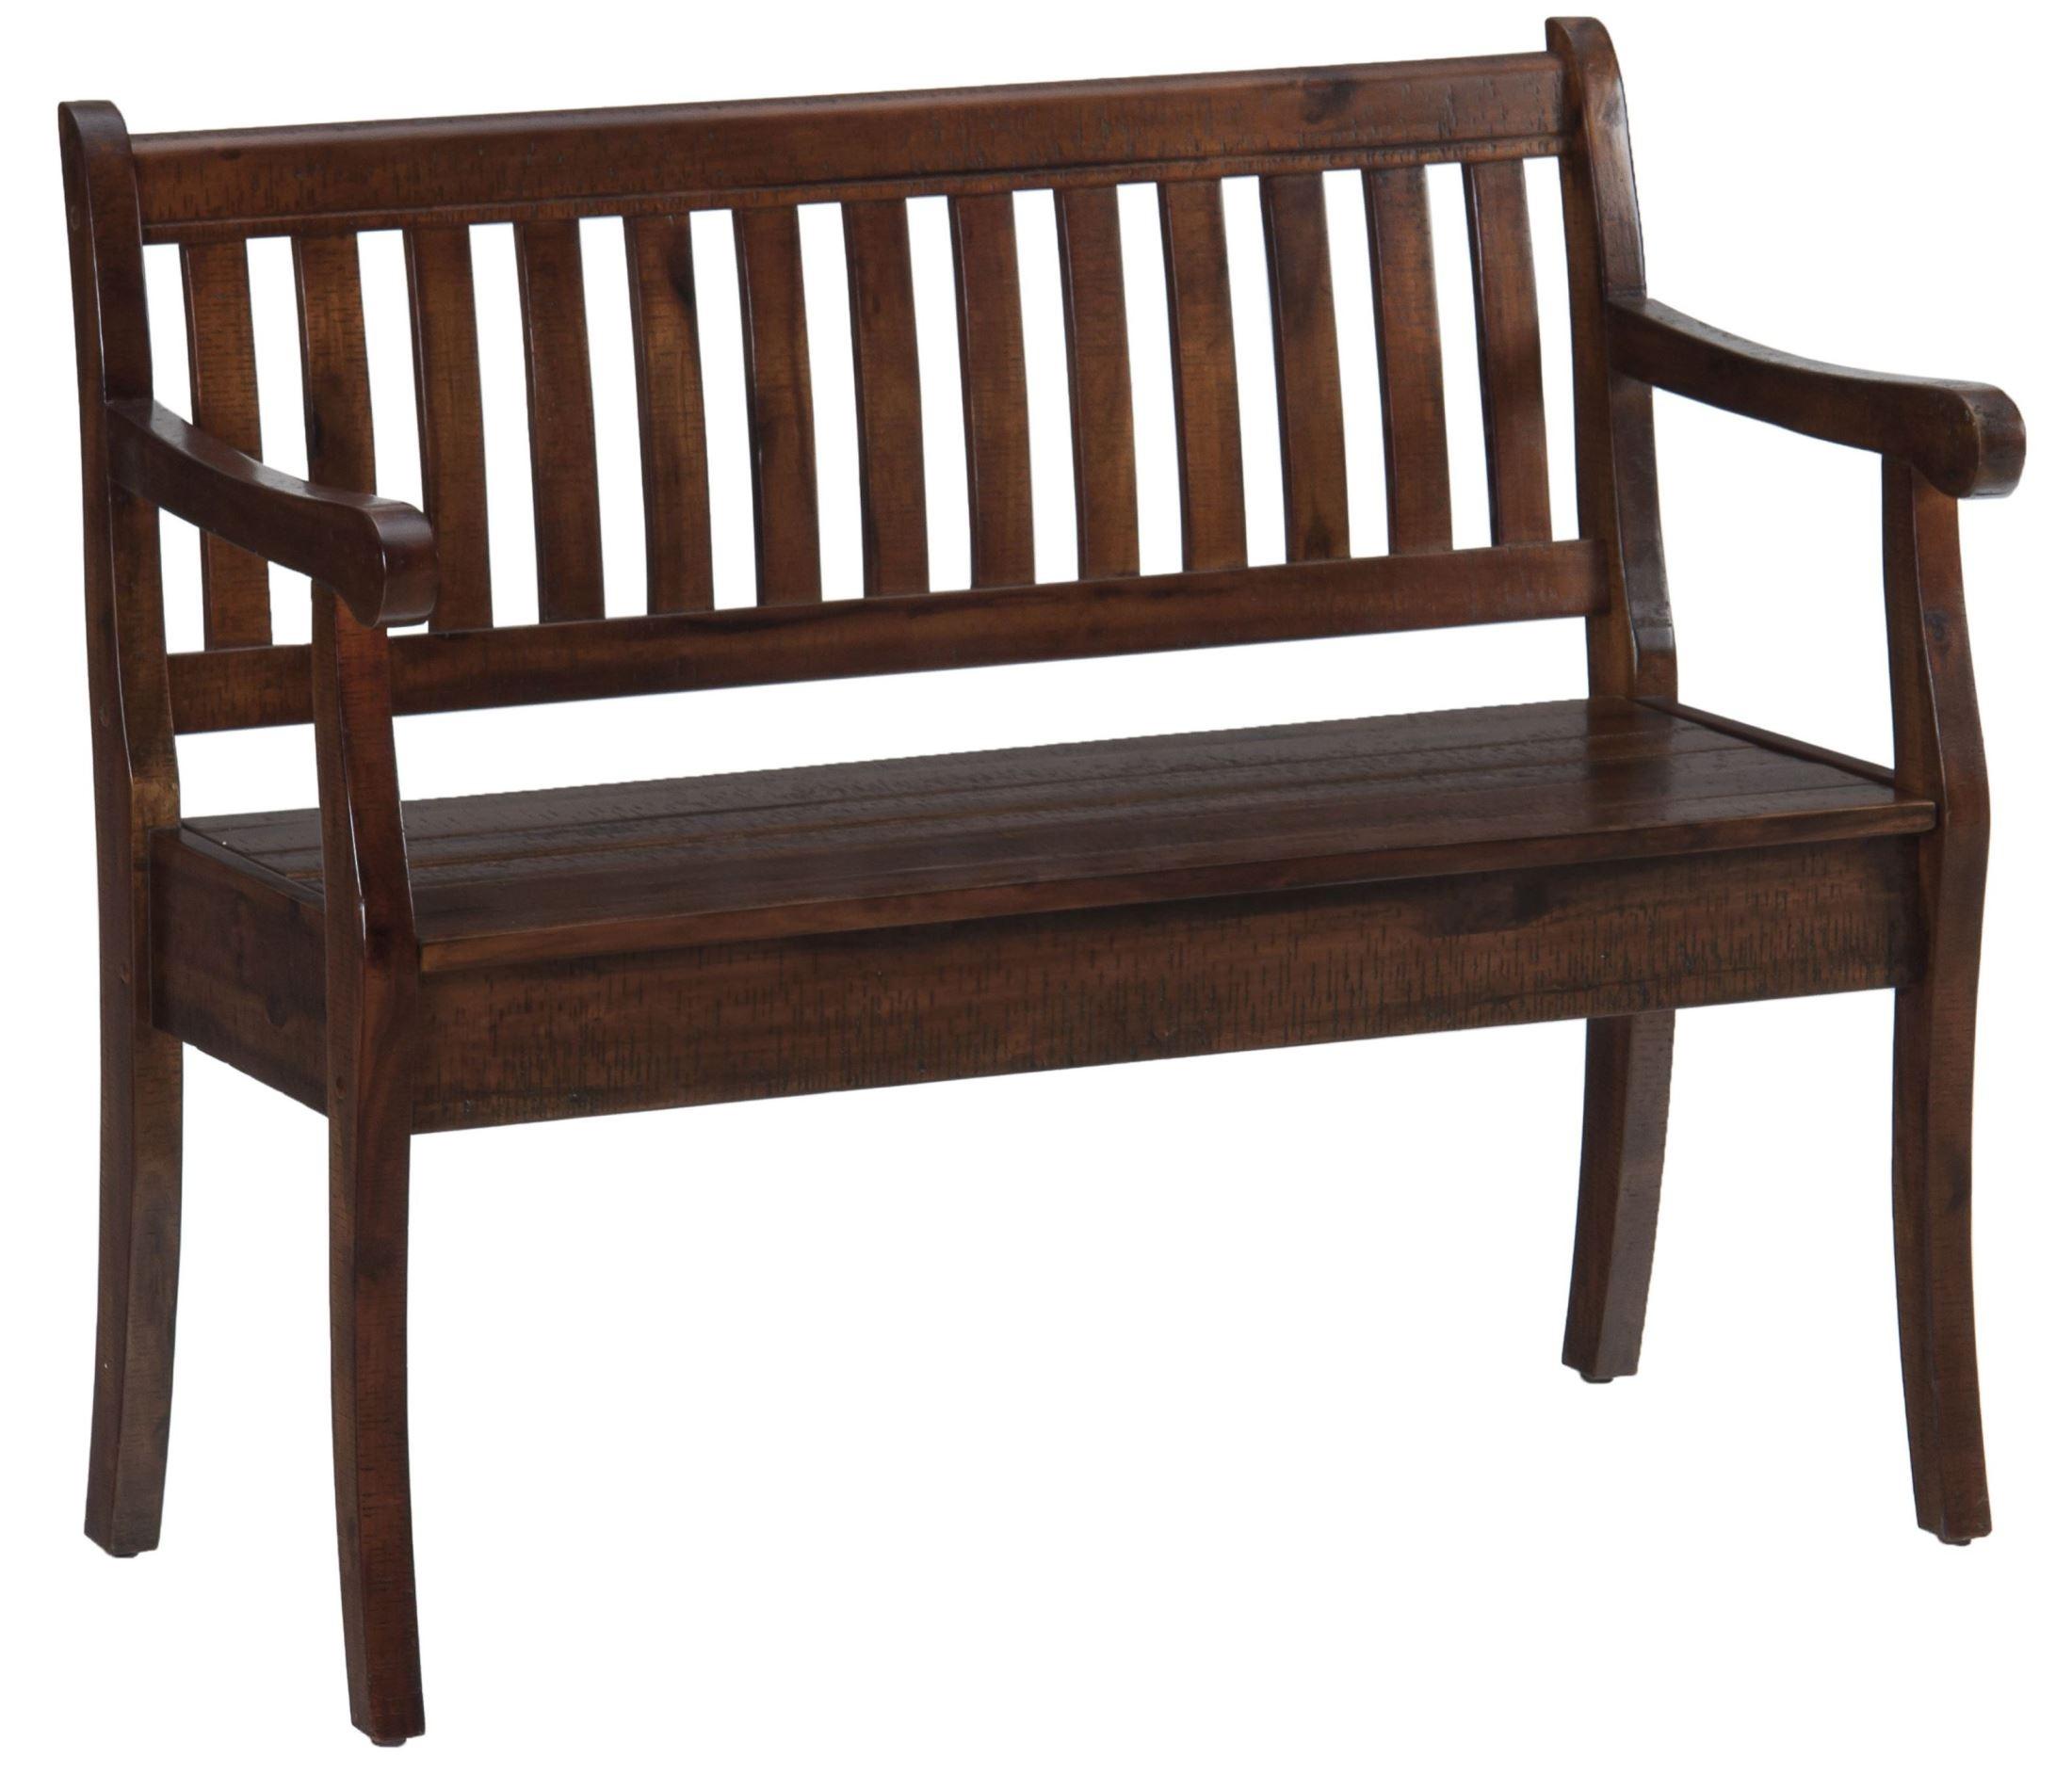 Modus Furniture Urban Seating Storage Bench Natural Linen: Urban Lodge Storage Bench From Jofran